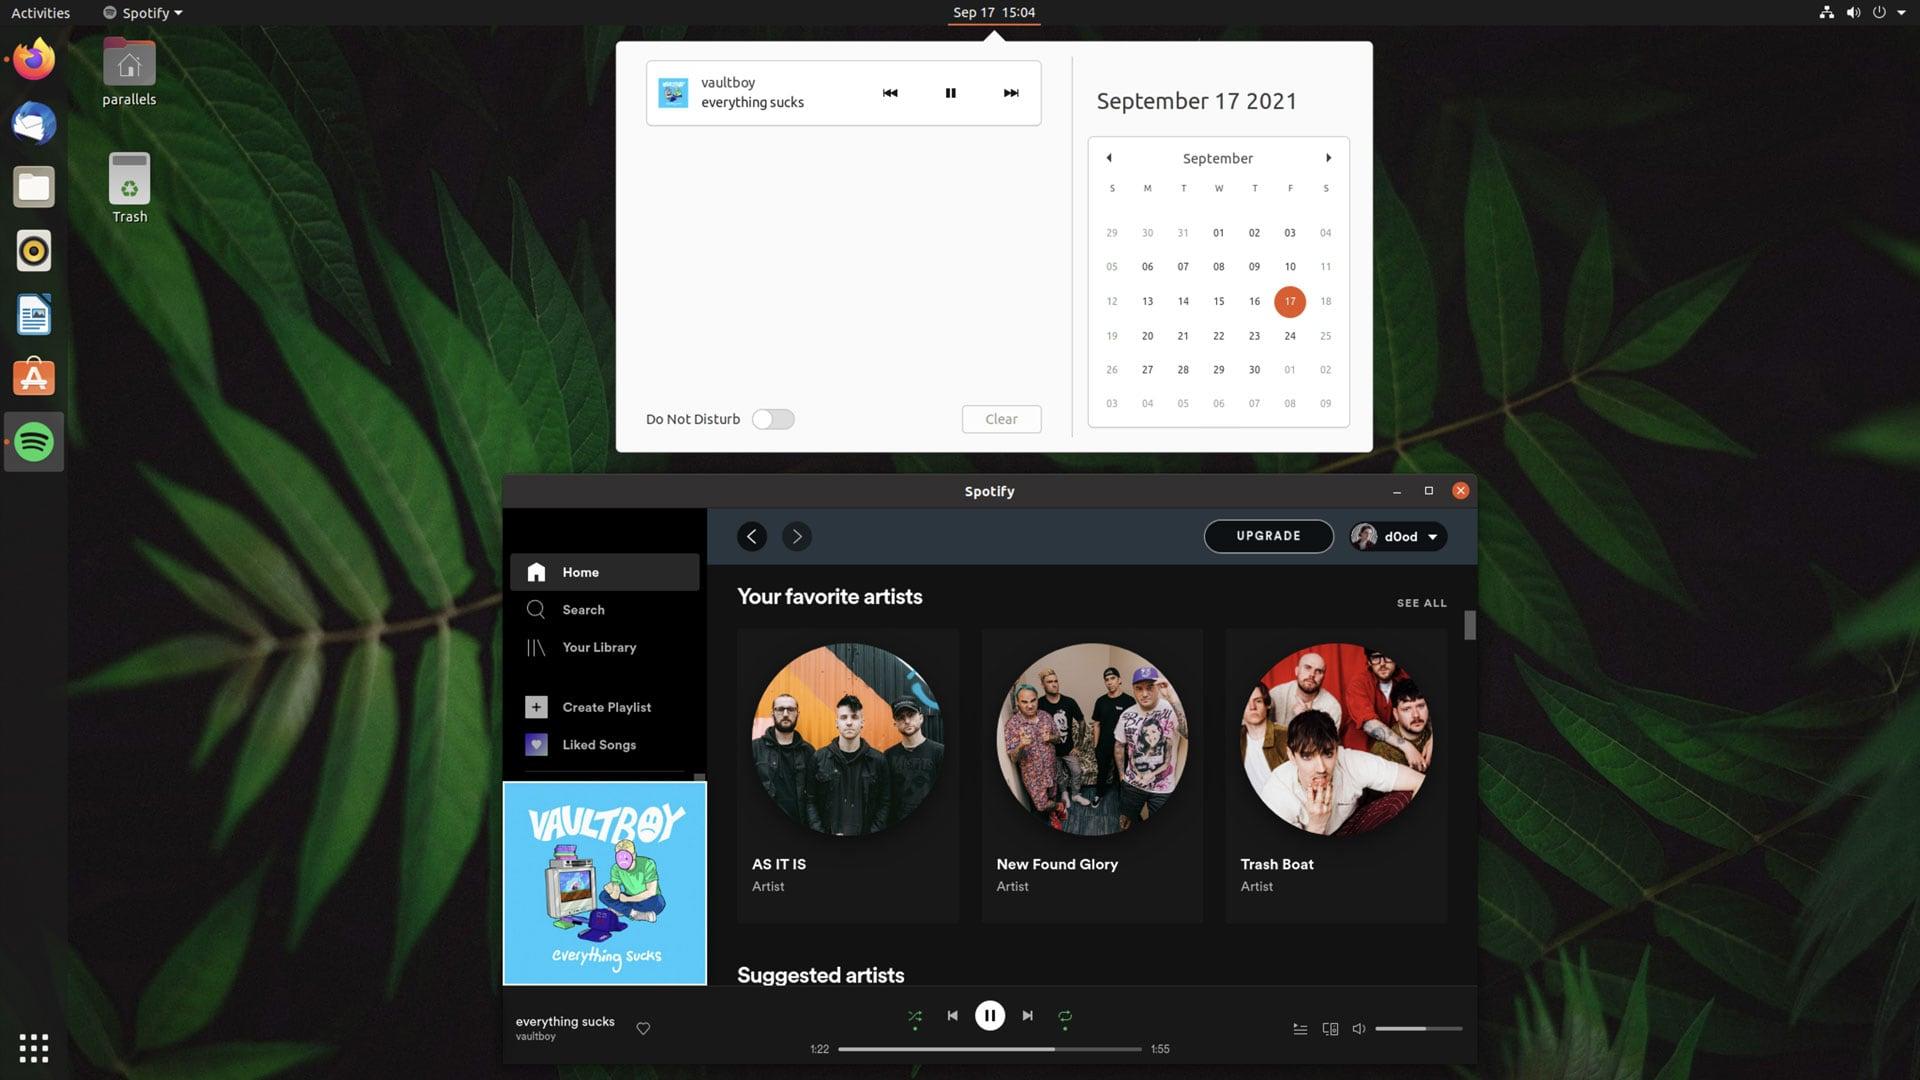 latest spotify version running on ubuntu 20.04